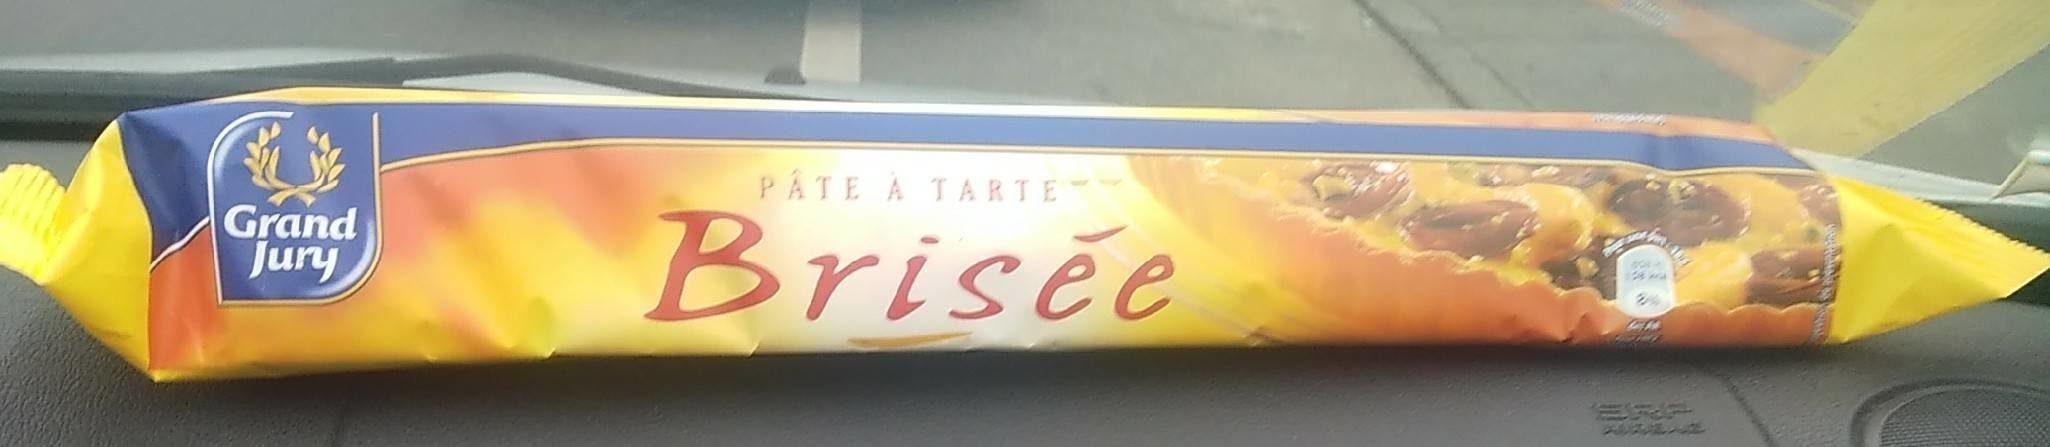 Pâte à tarte brisée - Produit